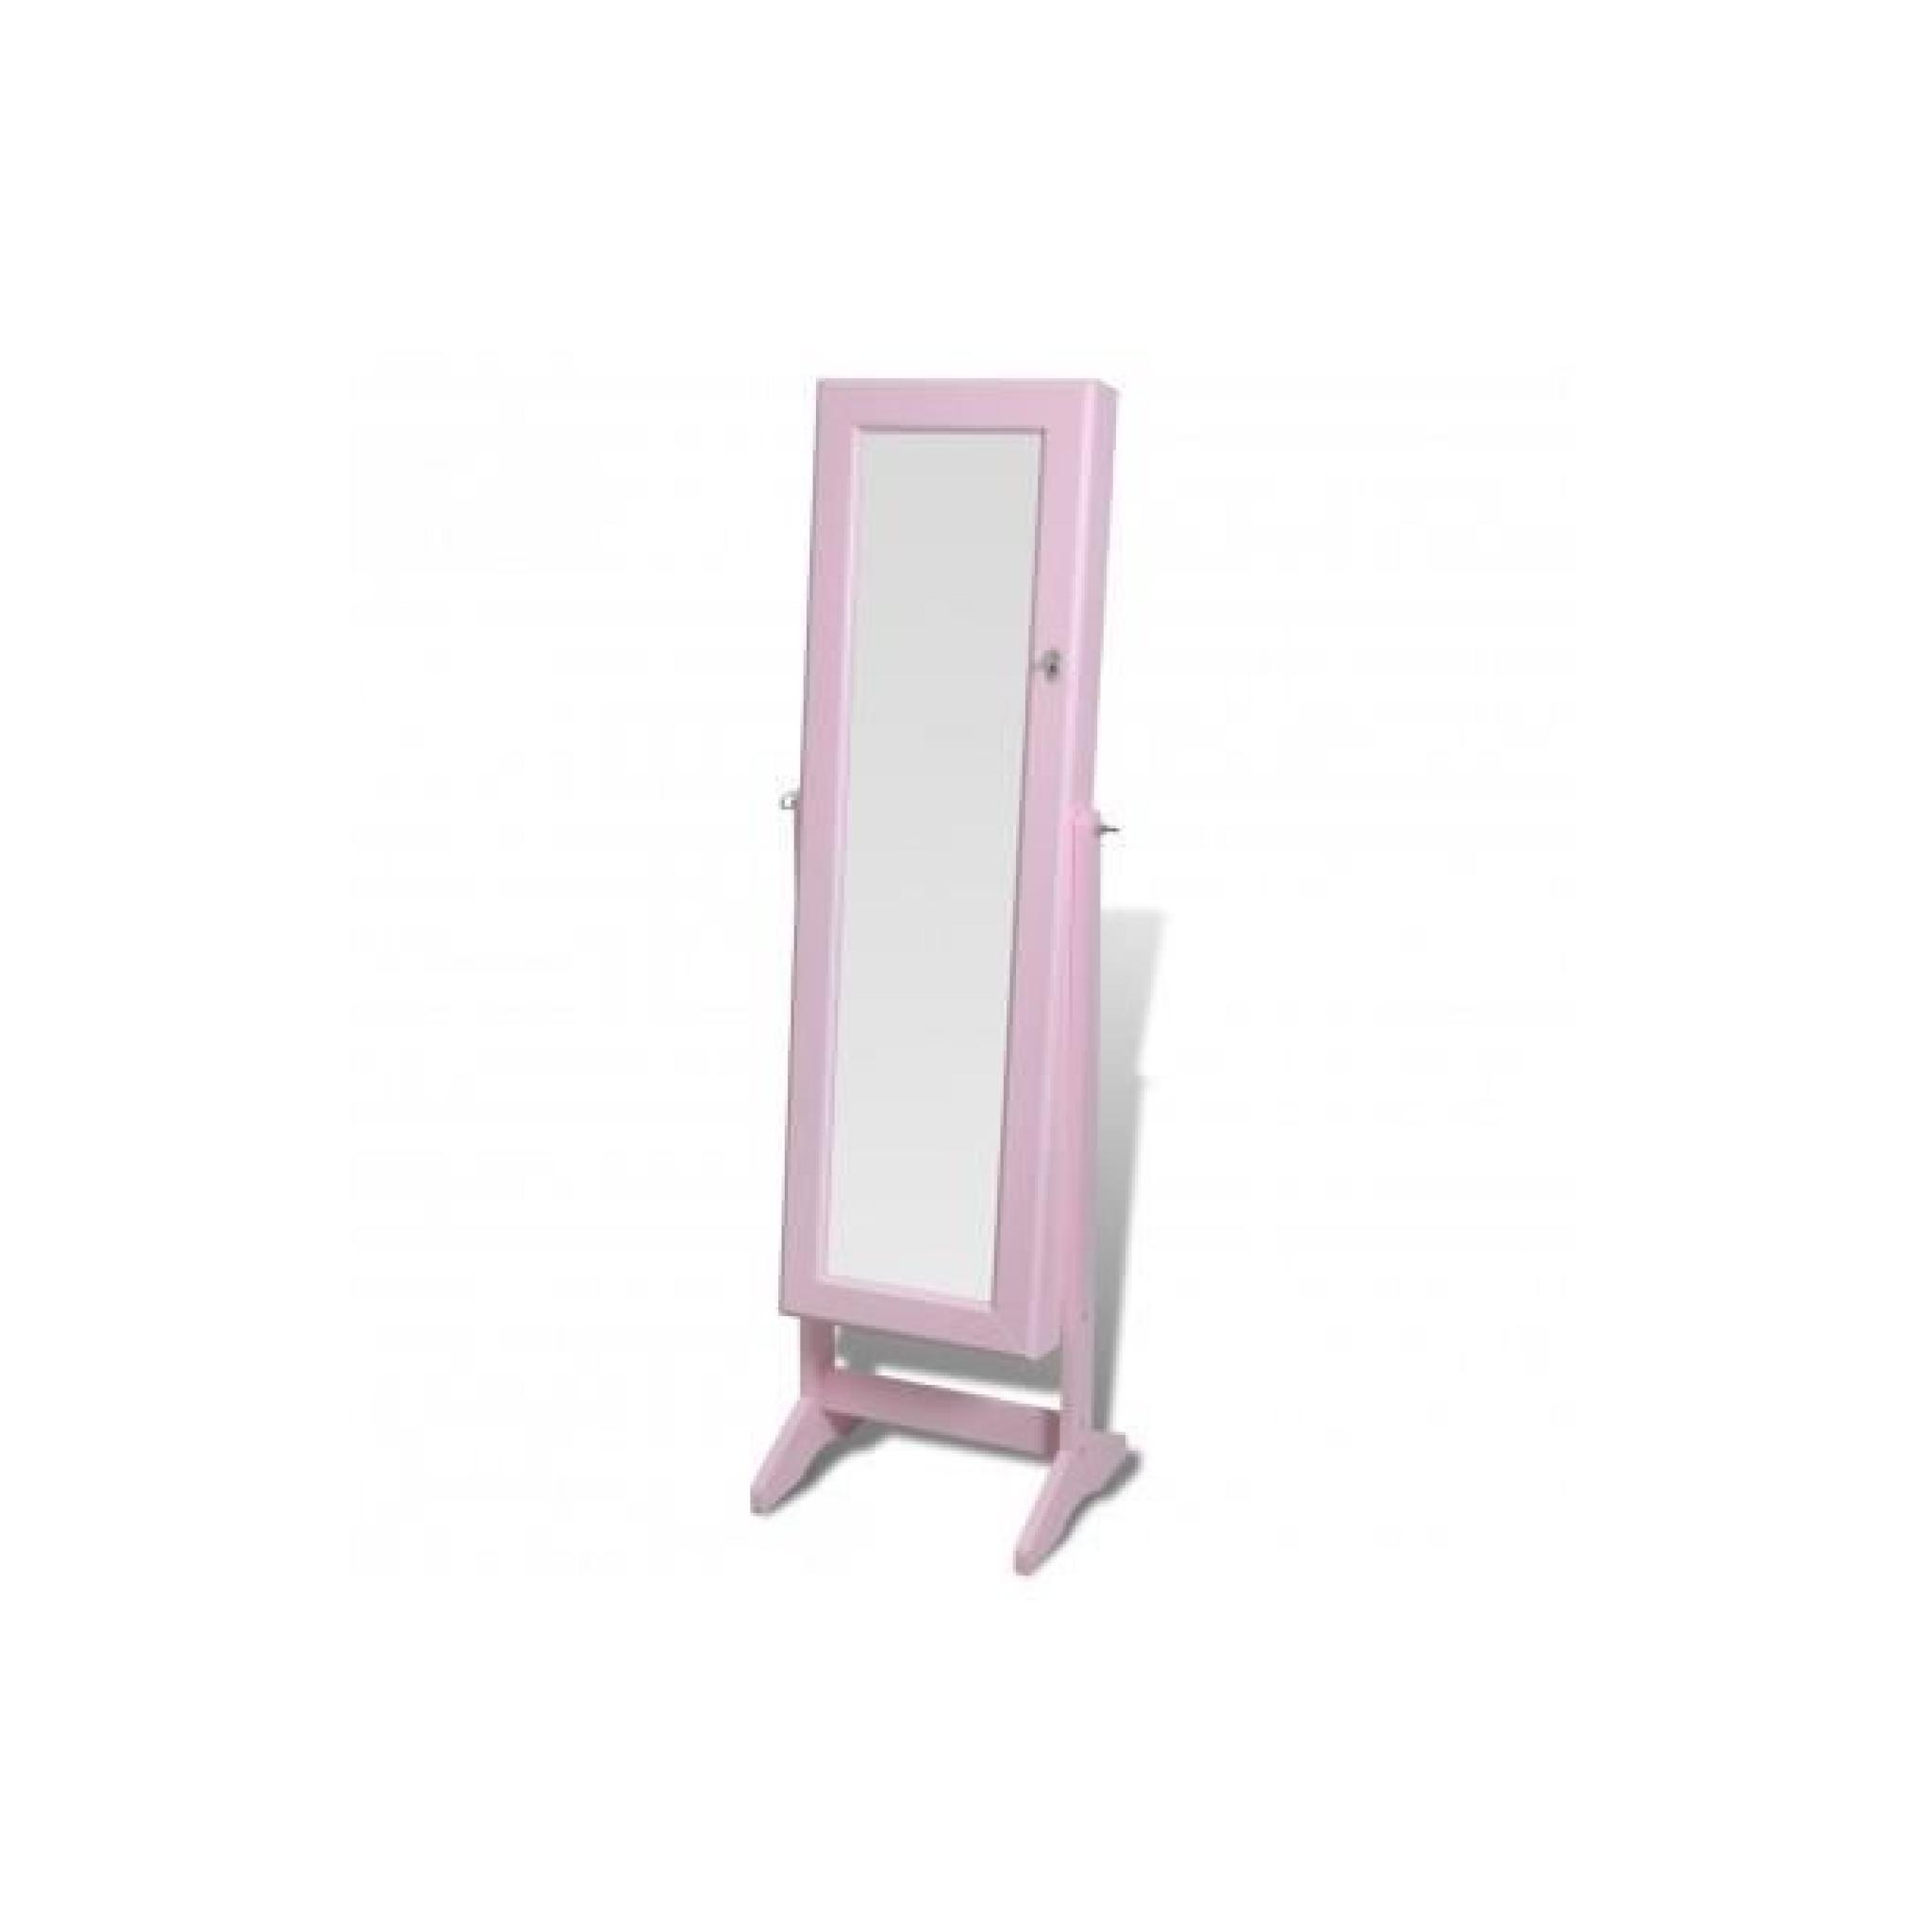 Superbe armoire bijoux rangement miroir meuble chambre rose achat vente armoire de chambre - Meuble rangement bijoux miroir ...